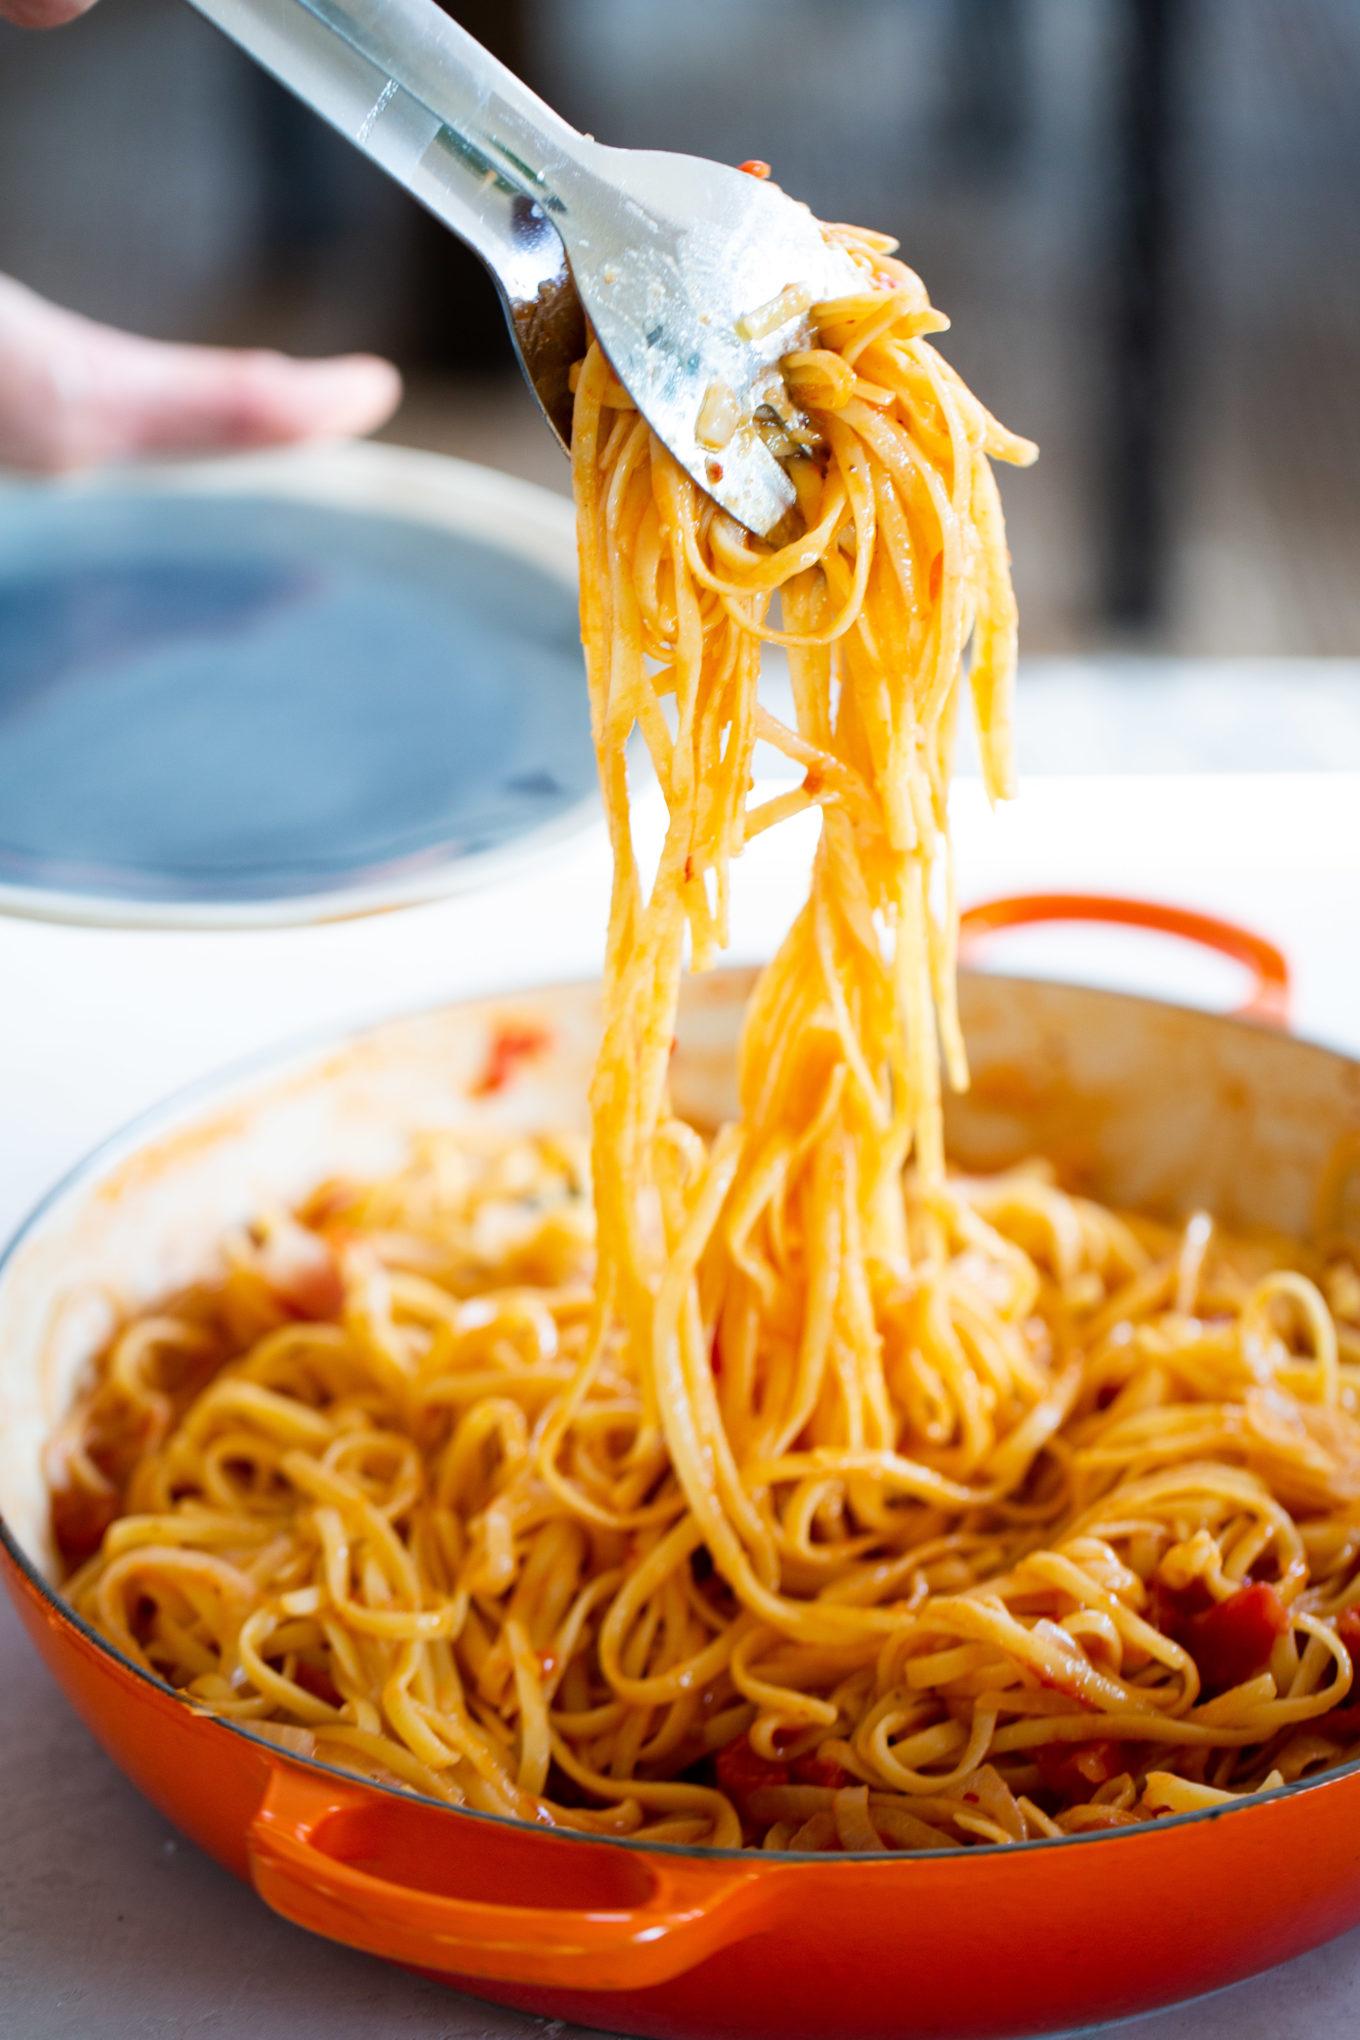 Pasta con tomate antes de servir en un plato.